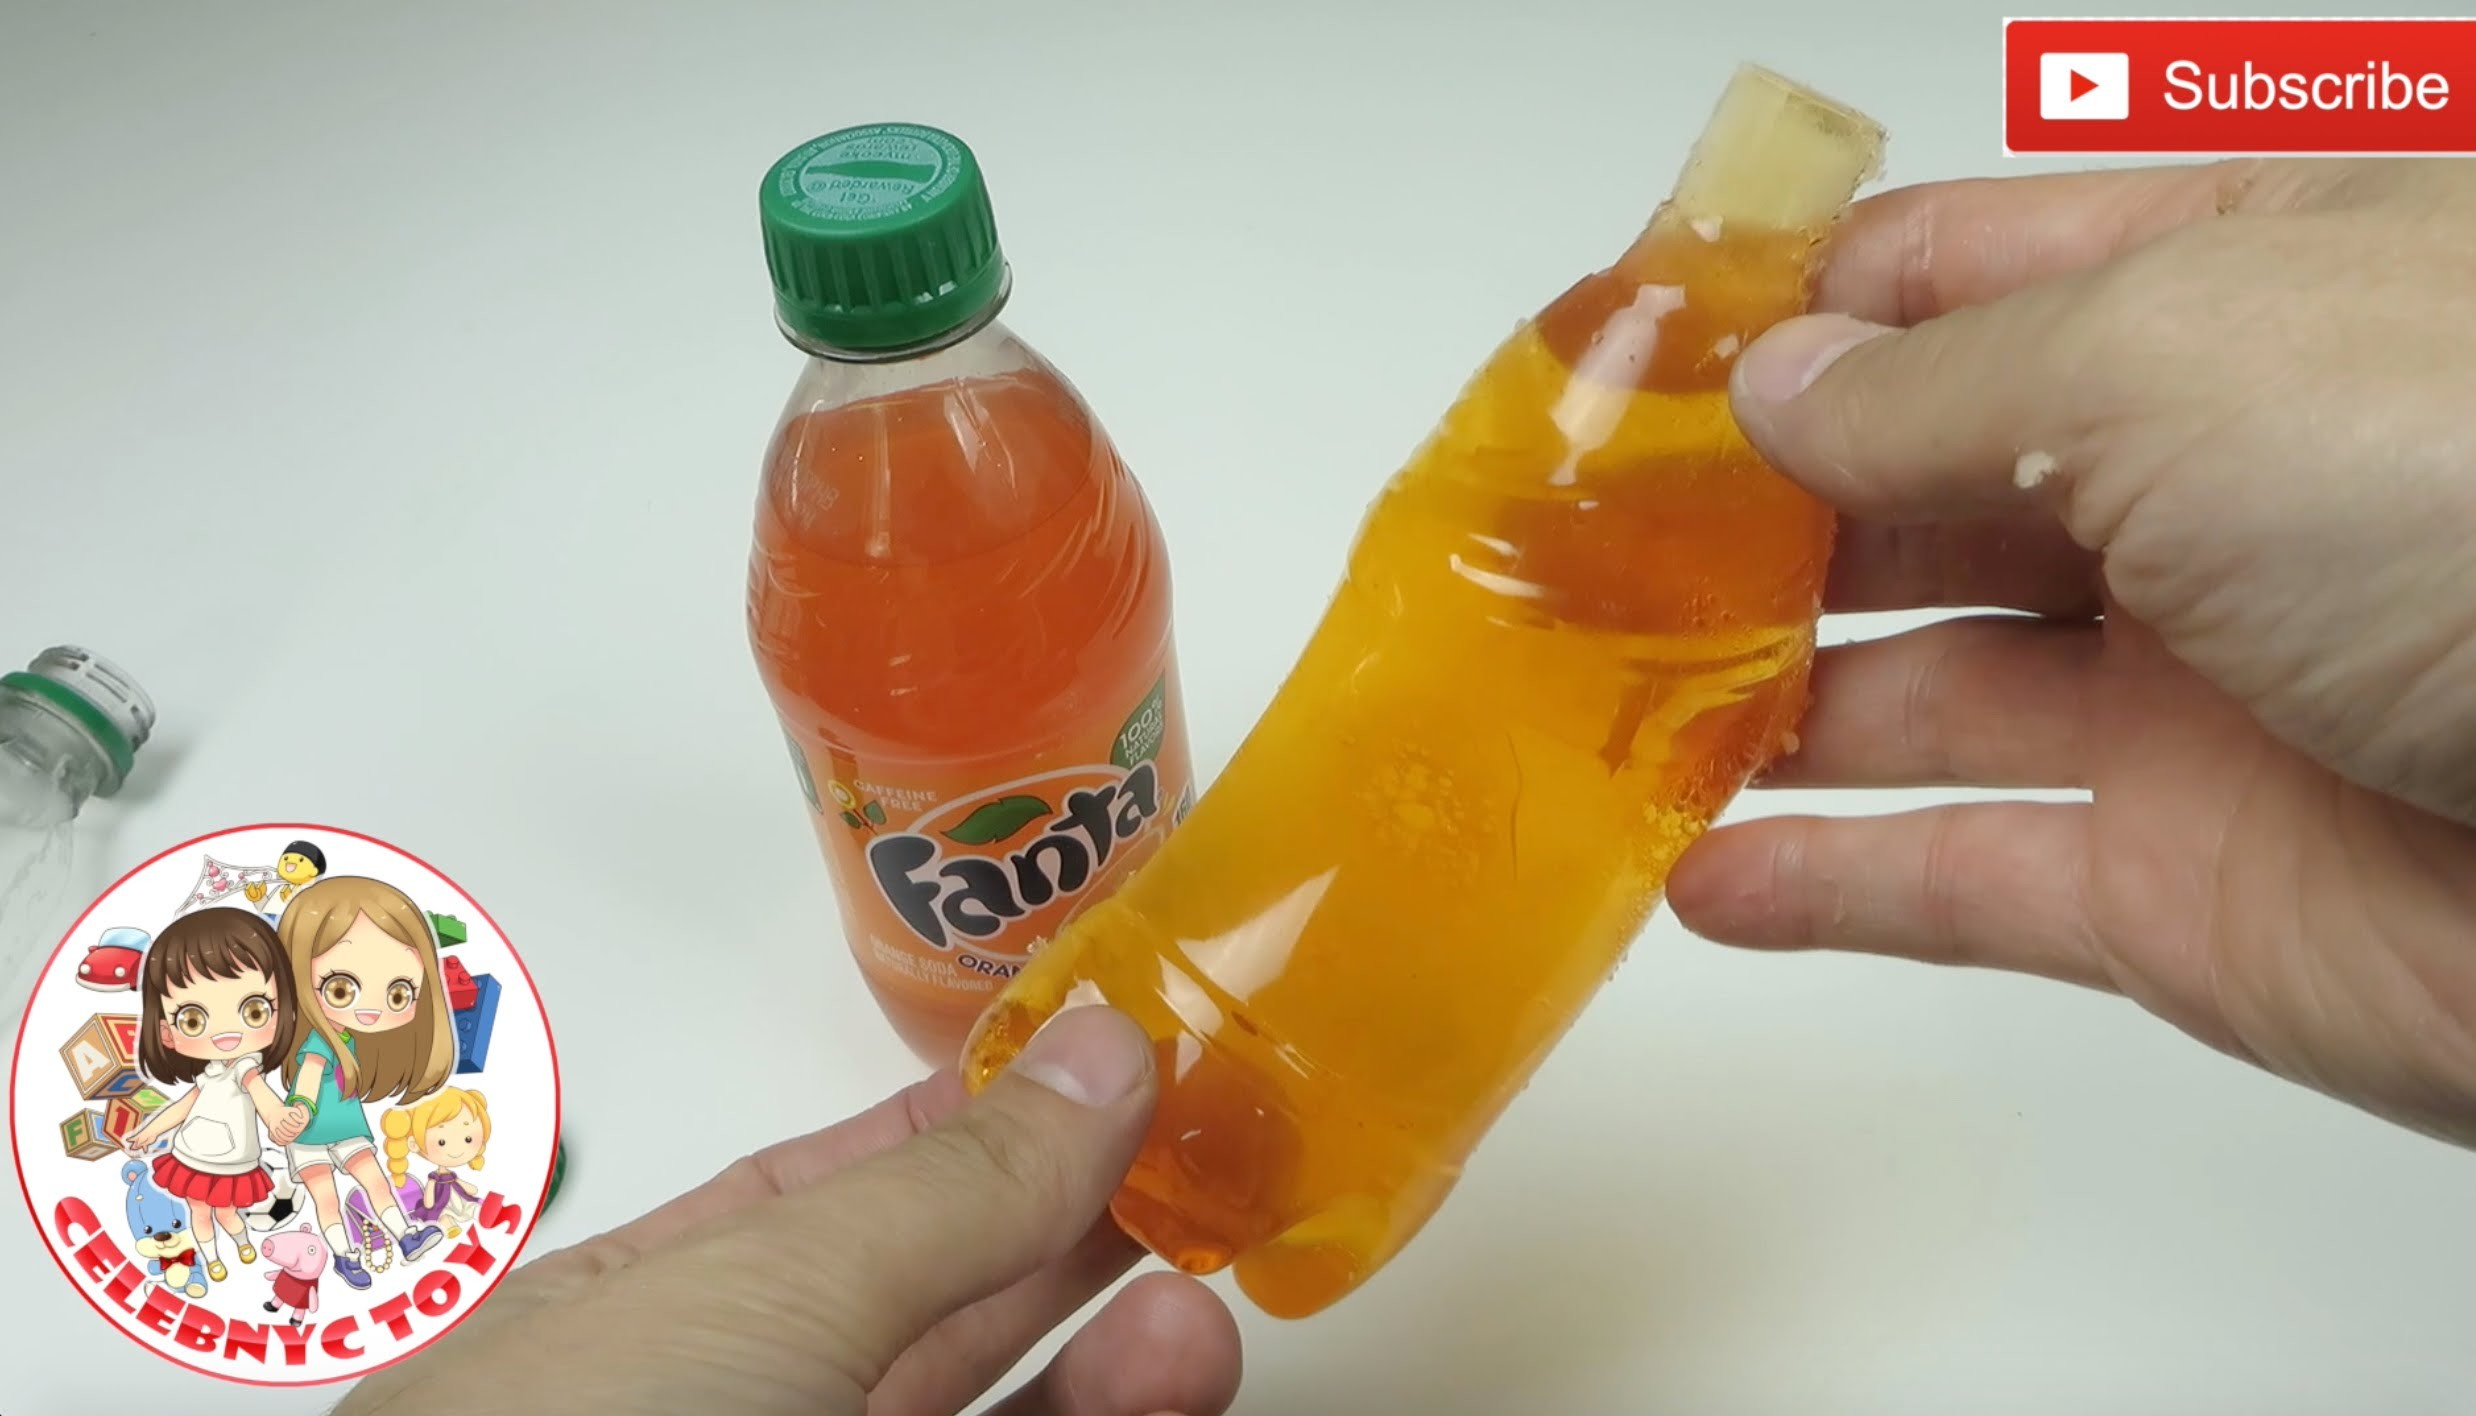 GIANT FANTA Yummy Gummy  Soda DIY Candy Making Drink Beverage Recipe